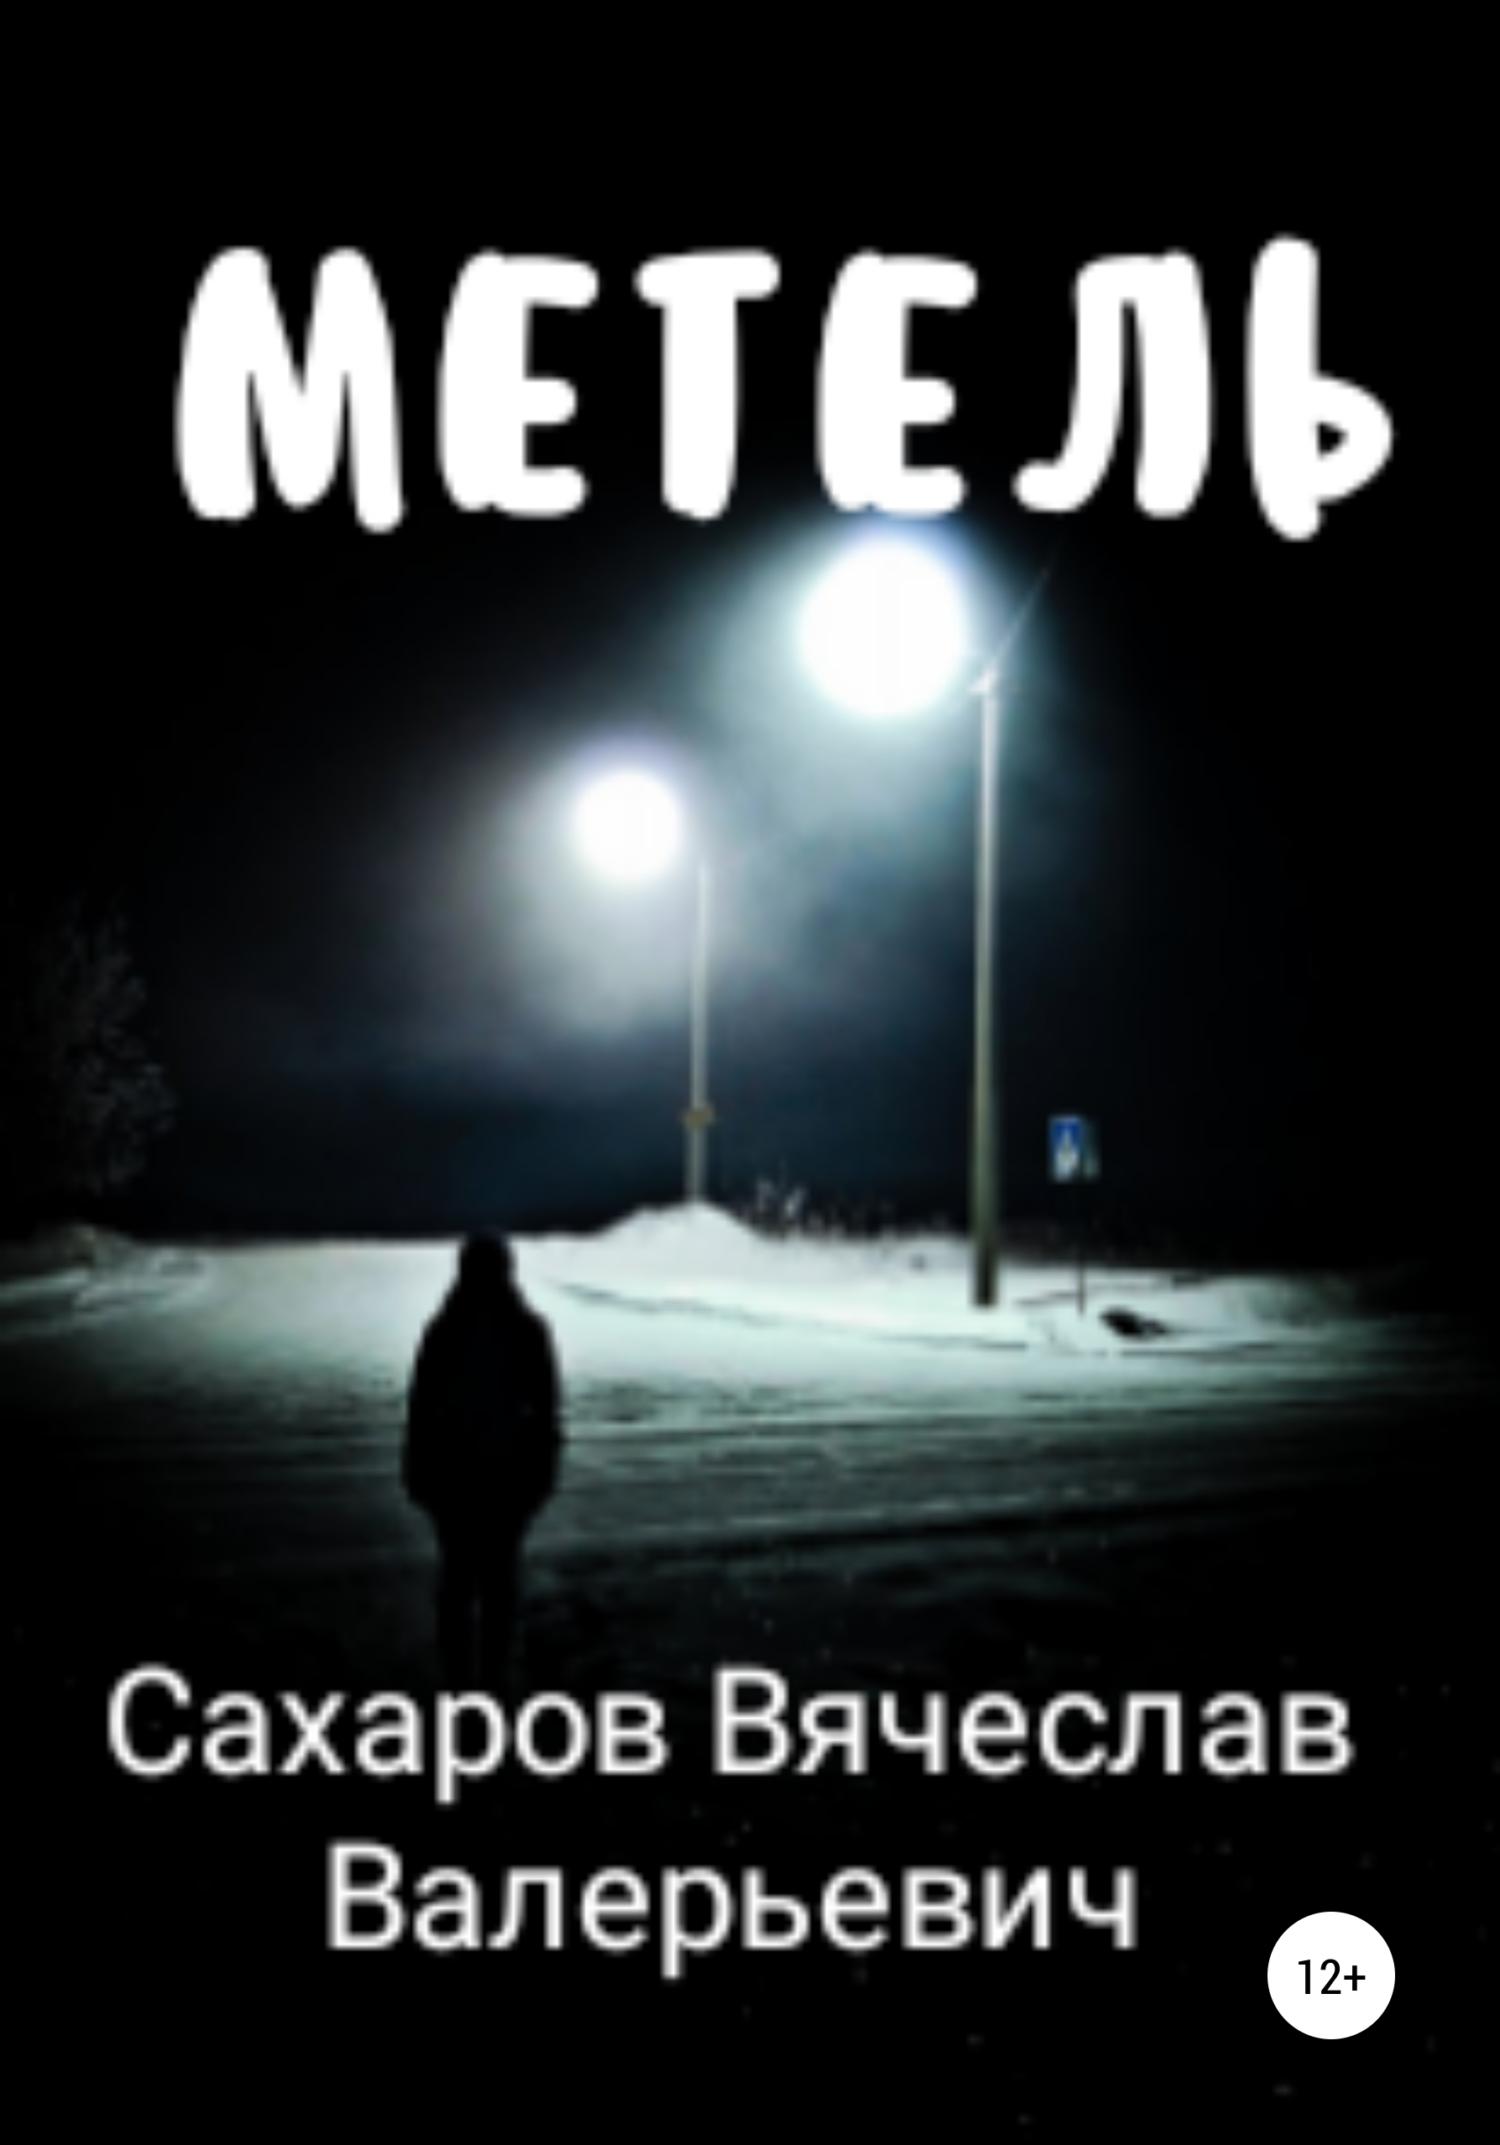 Купить книгу Метель, автора Вячеслава Валерьевича Сахарова